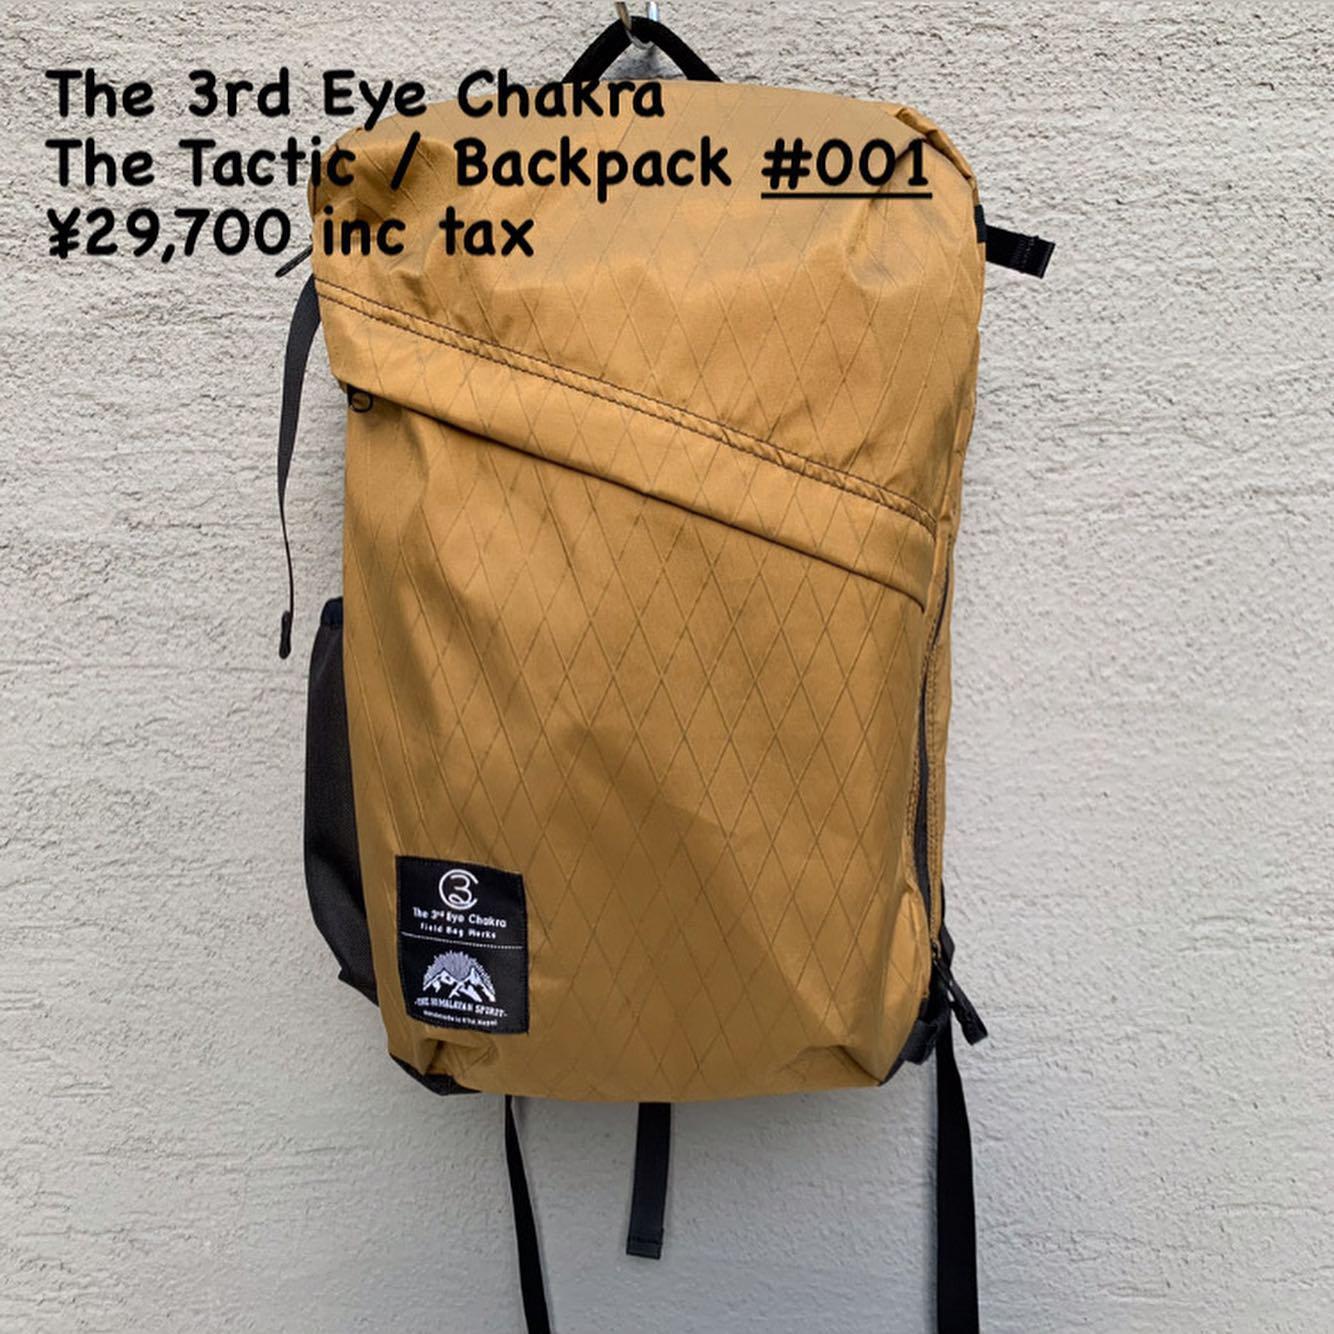 行動するための道具『The 3rd Eye Chakra The Tactic / Backpack #001』のご紹介